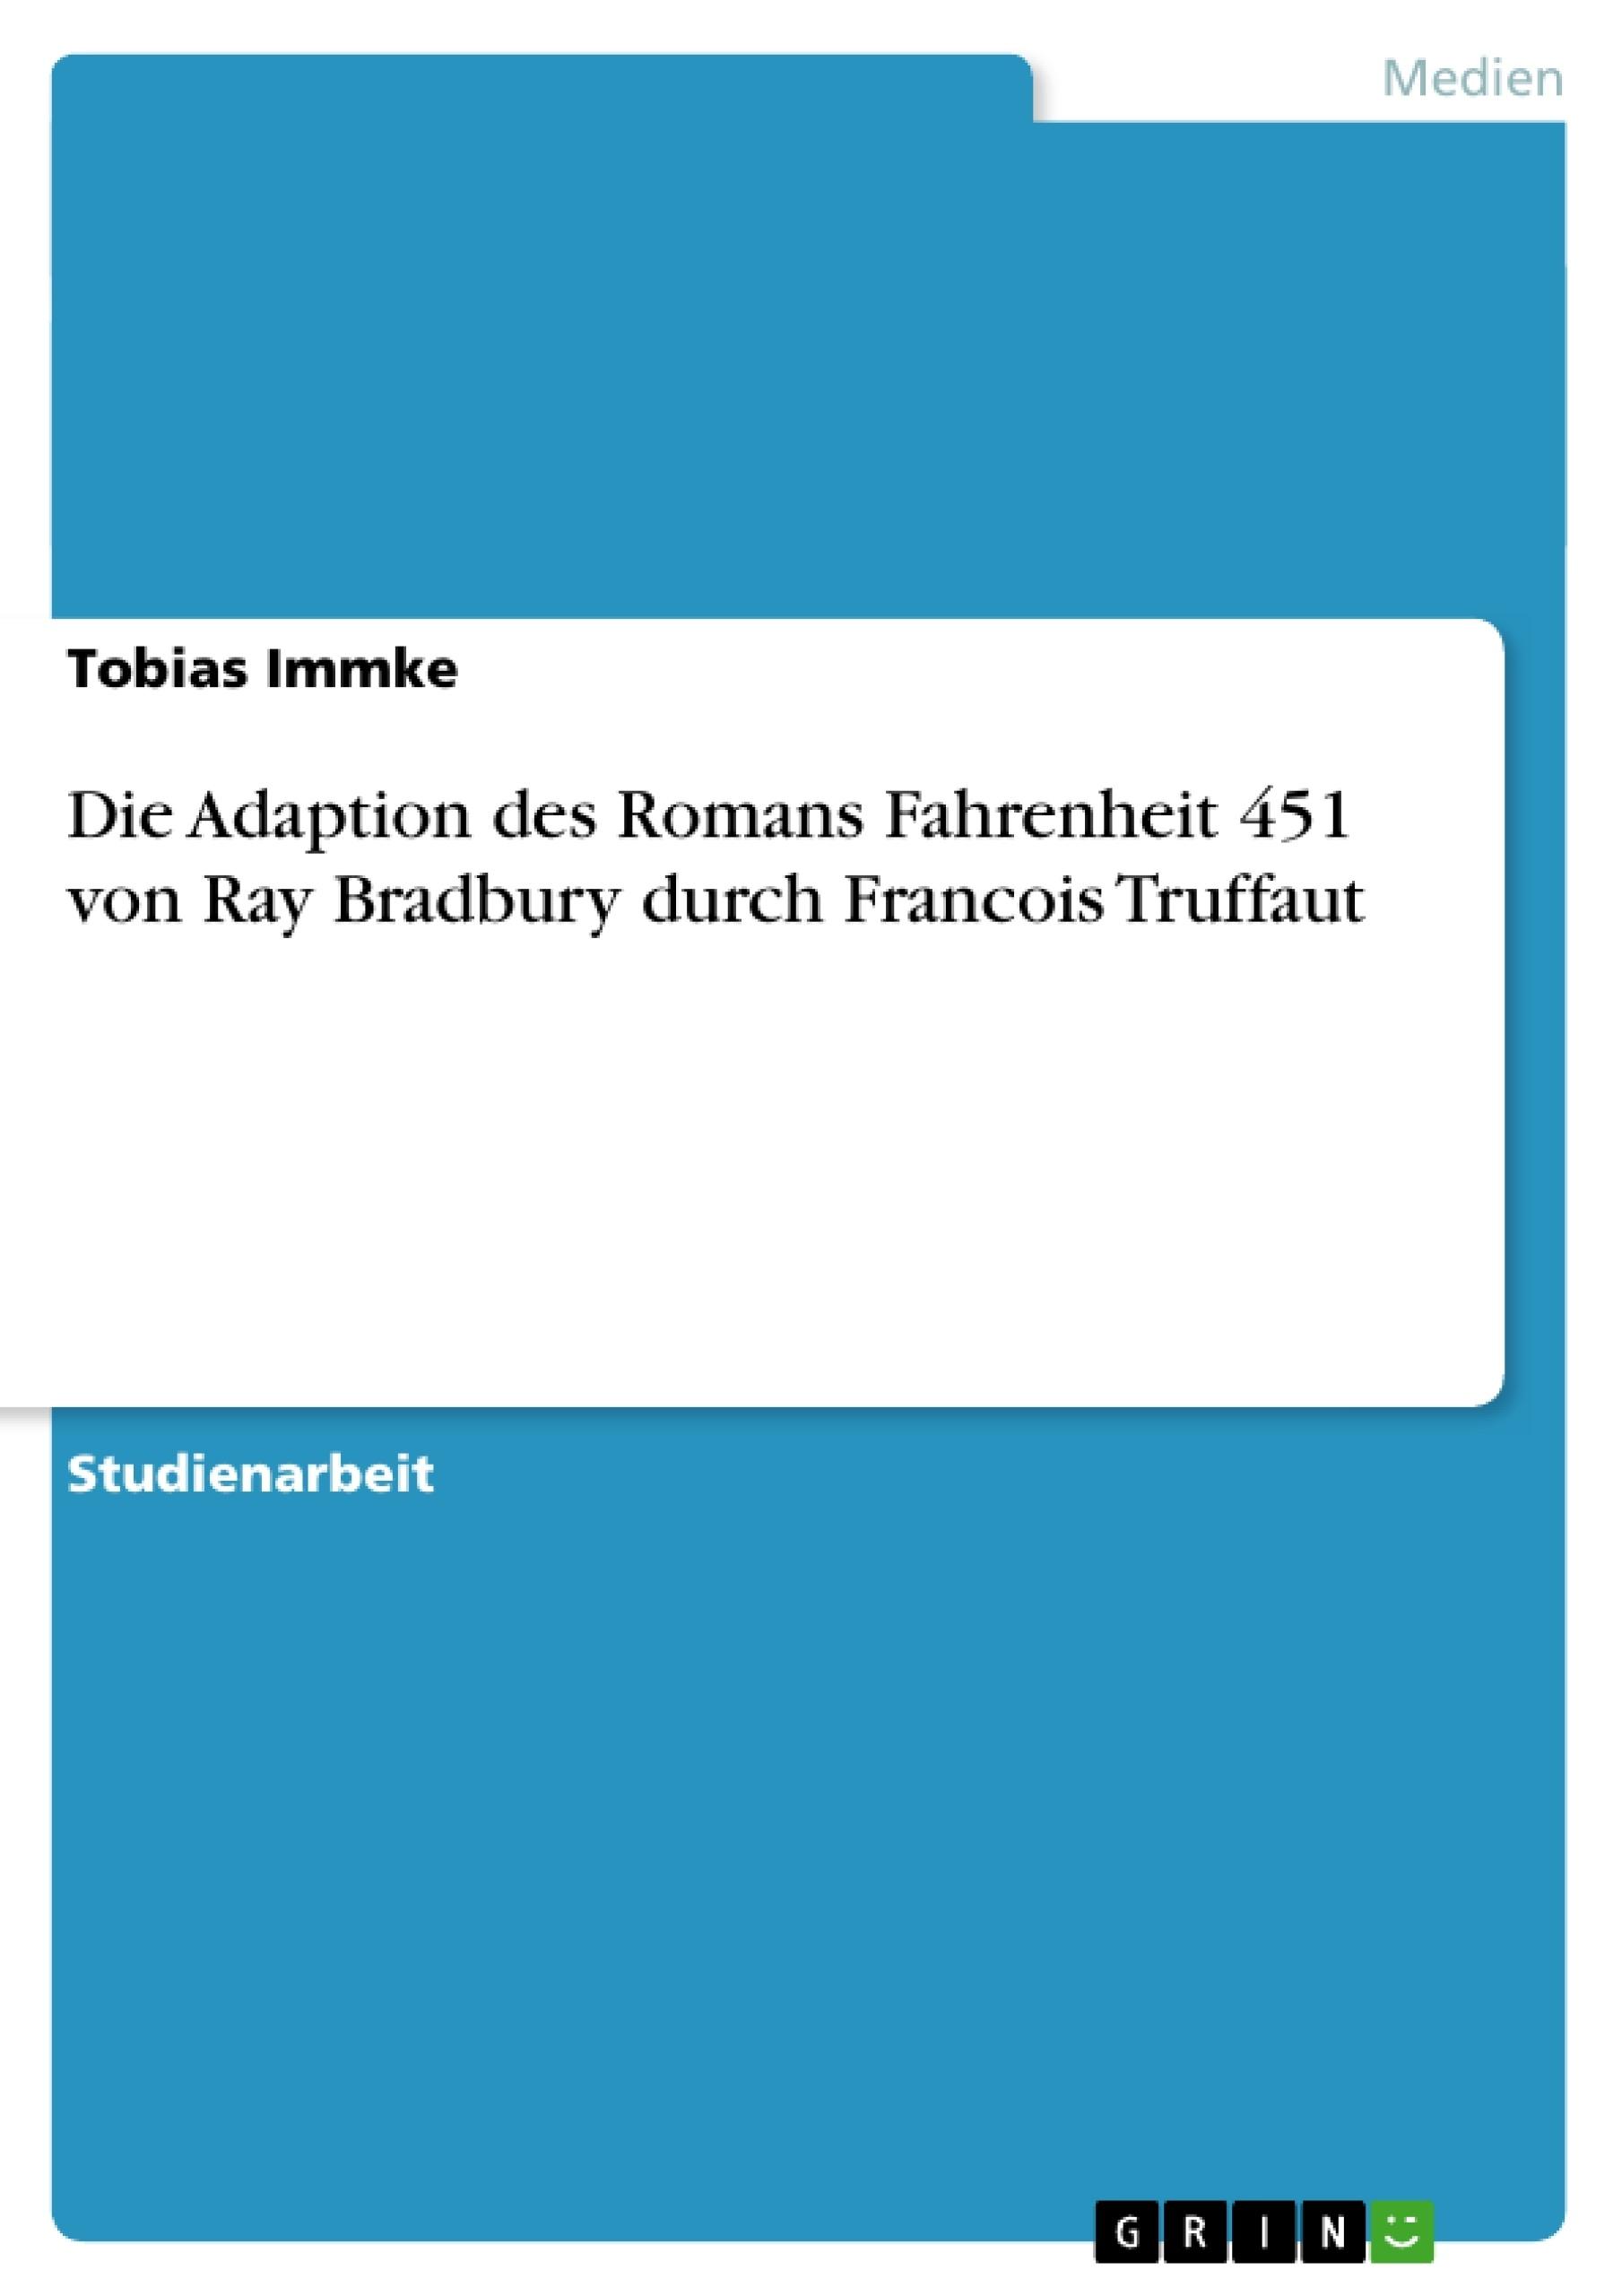 Titel: Die Adaption des Romans Fahrenheit 451 von Ray Bradbury durch Francois Truffaut